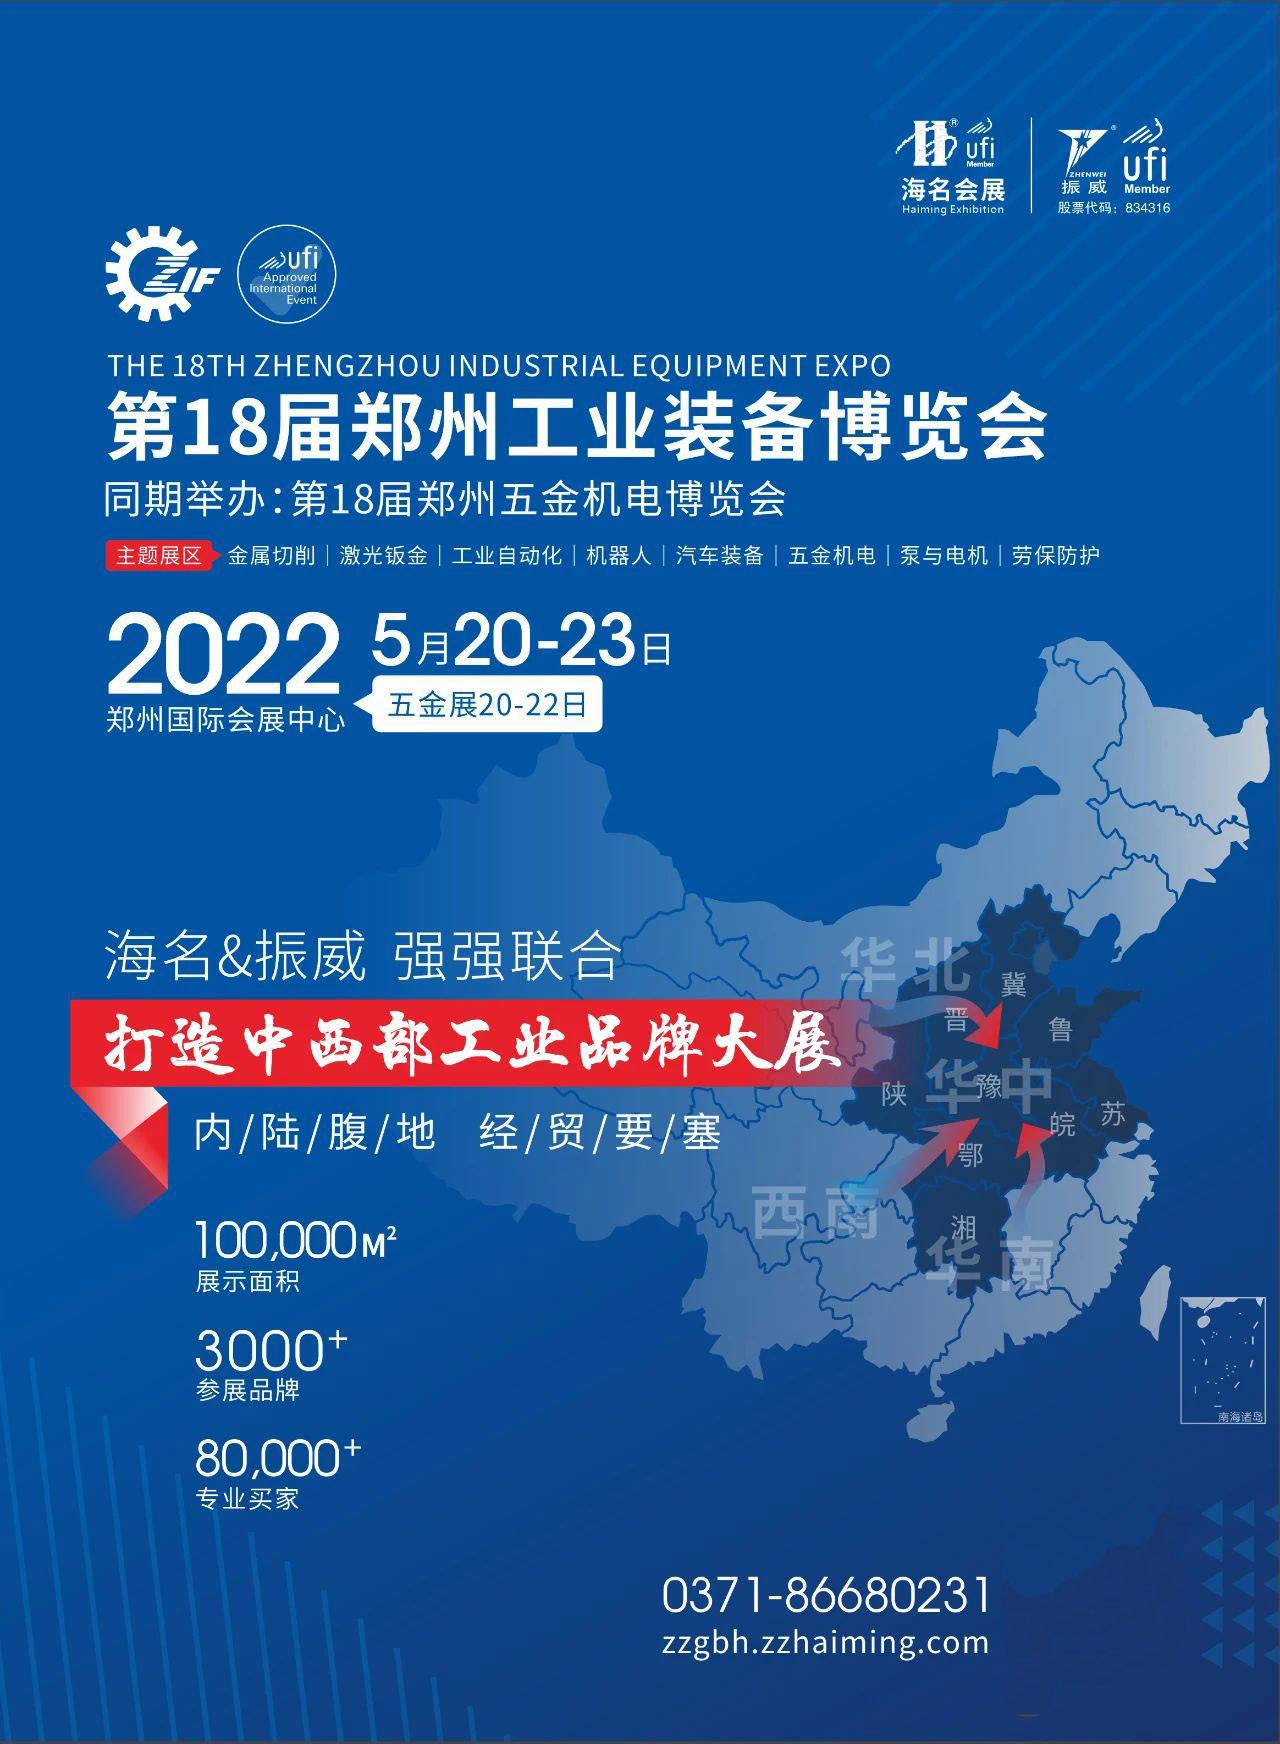 gdp2000年_2022郑州工博会:郑州航空港2025年GDP将达2000亿常住人口100万